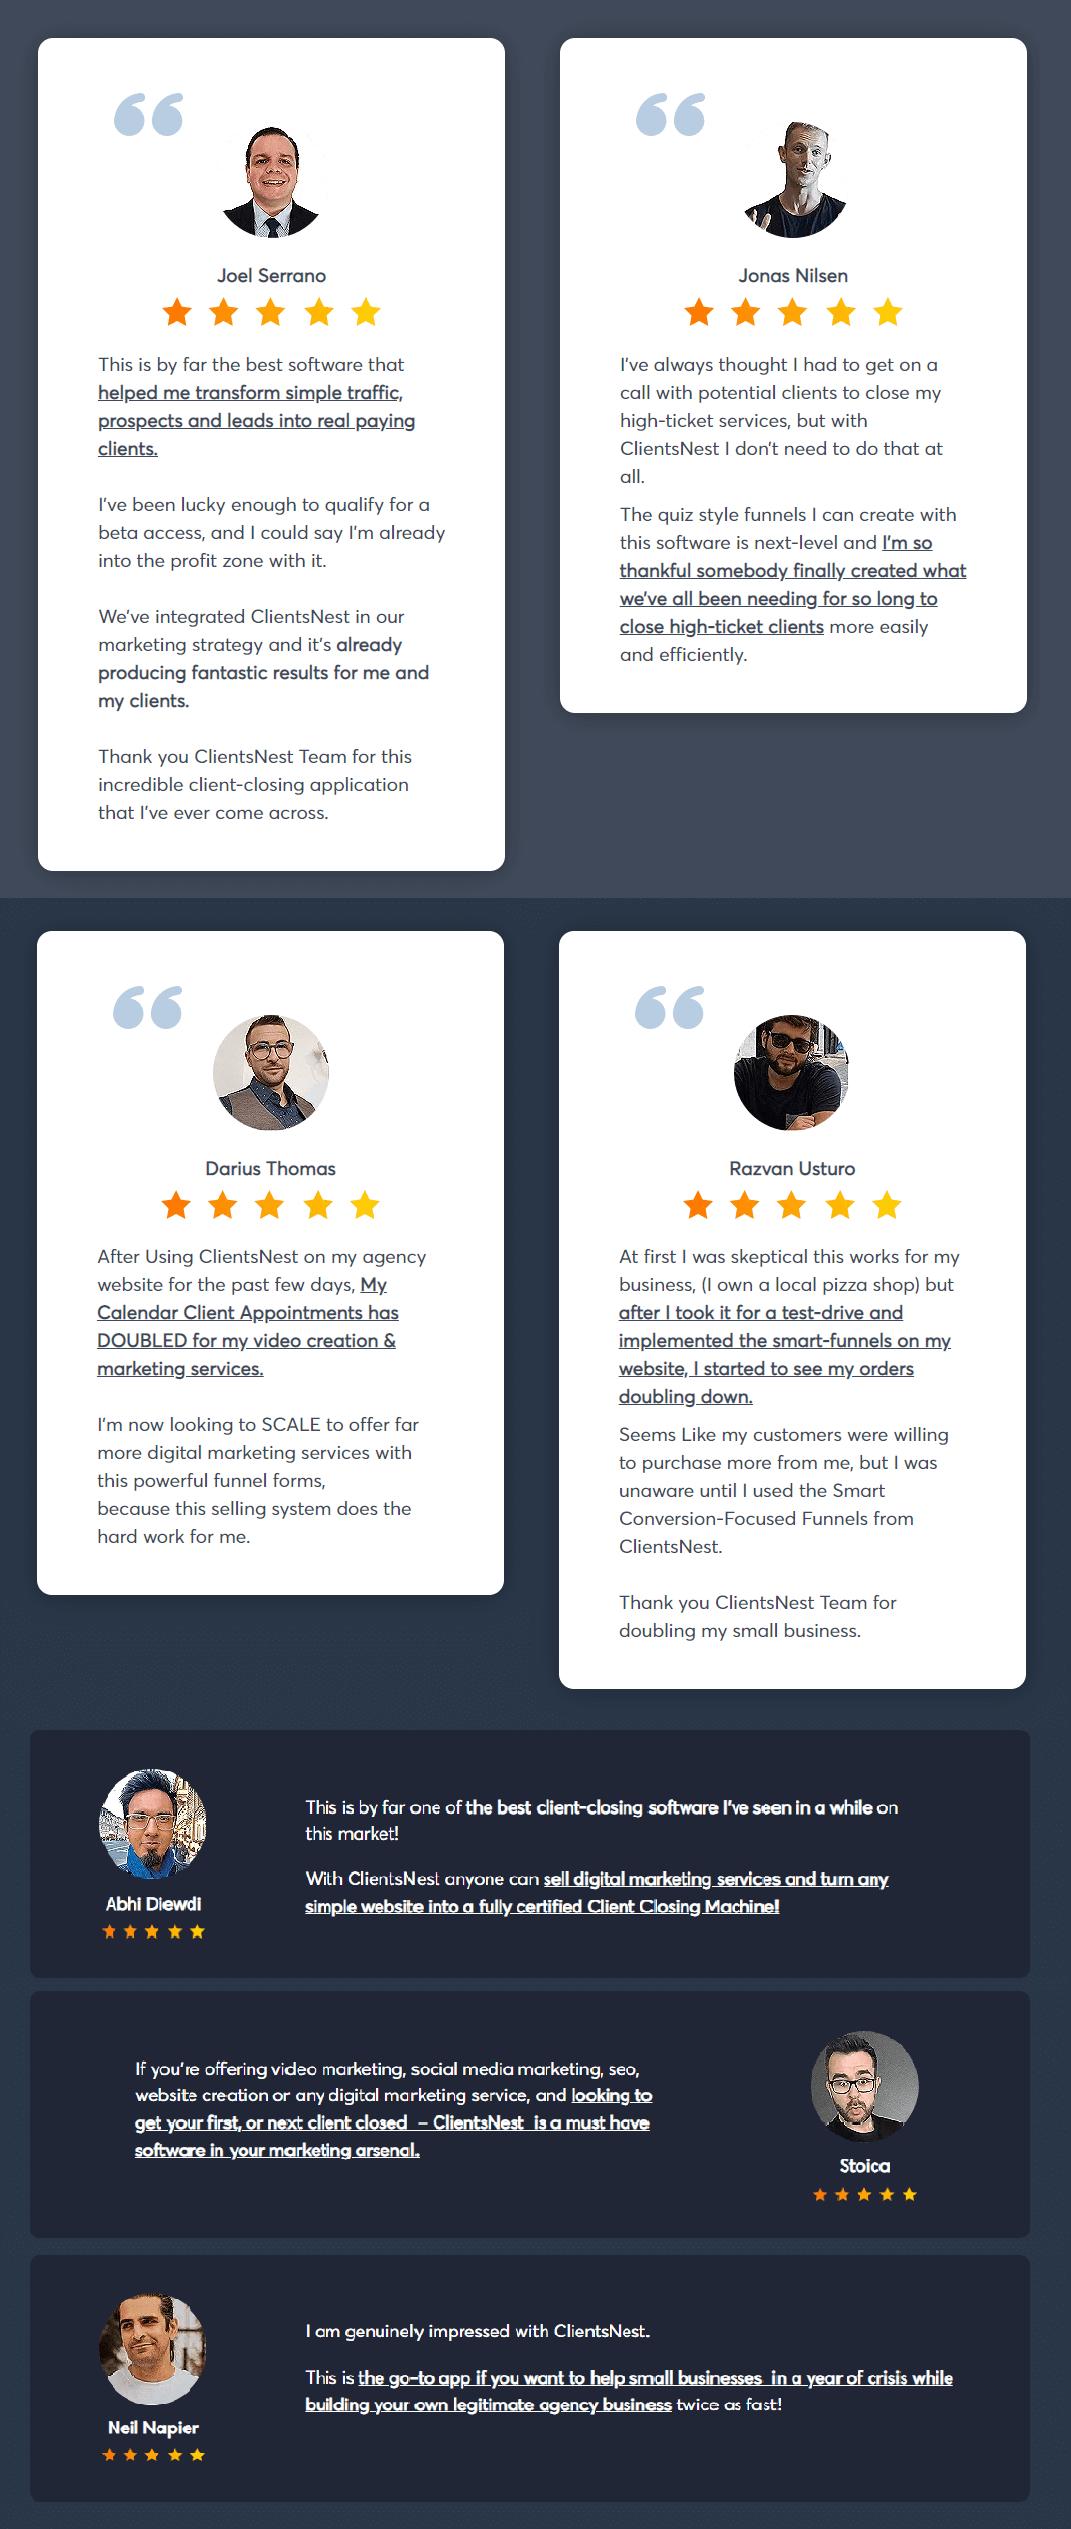 ClientsNest-feedback